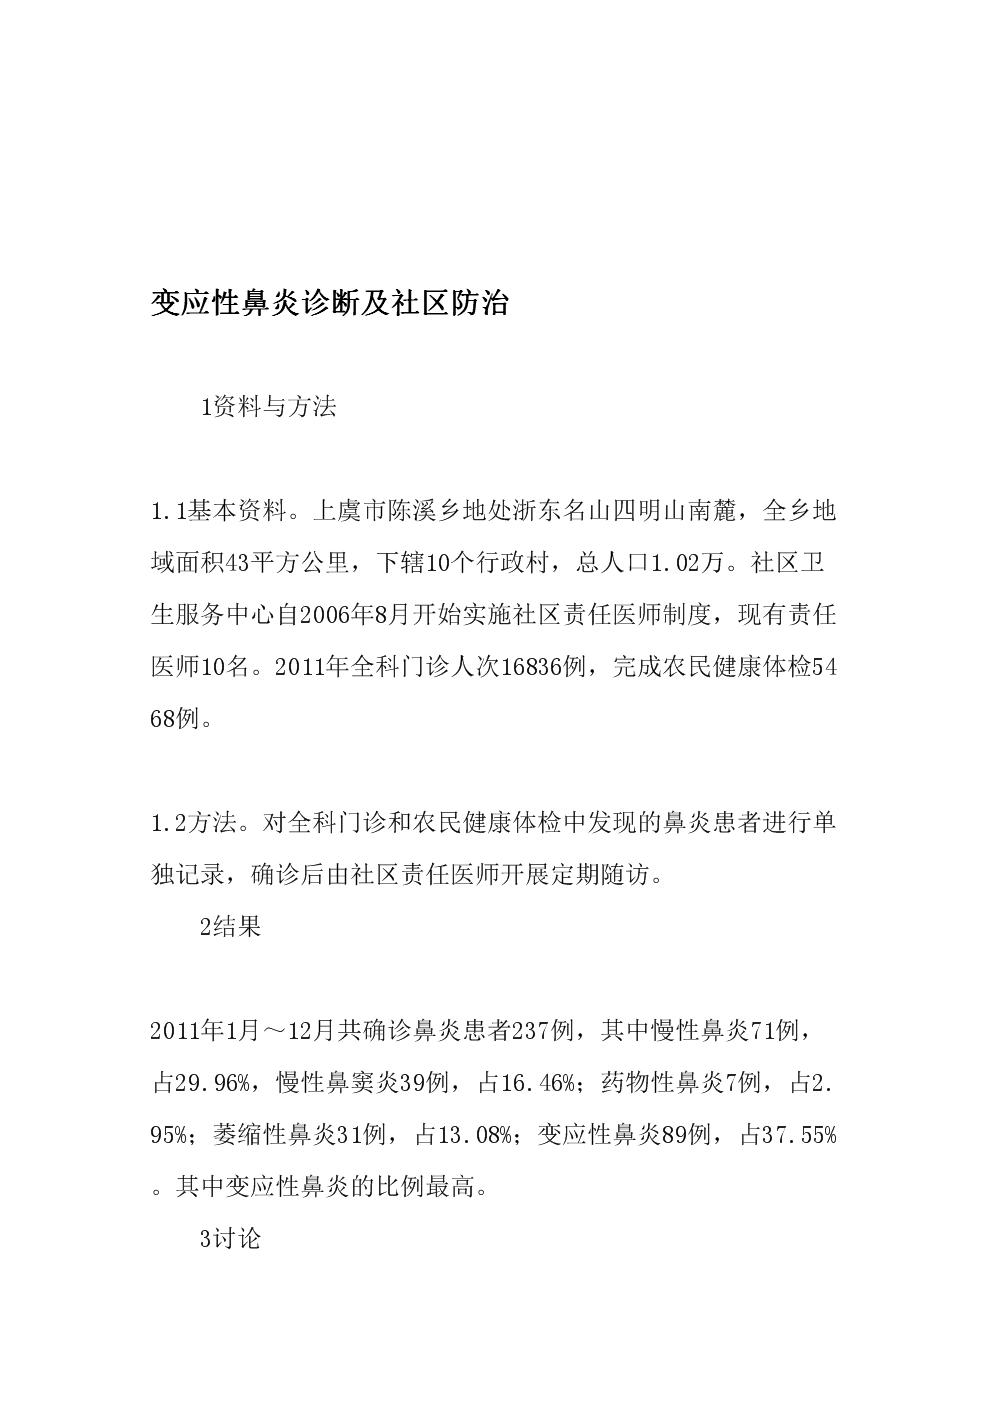 变应性鼻炎诊断及社区防治-最新资料.doc